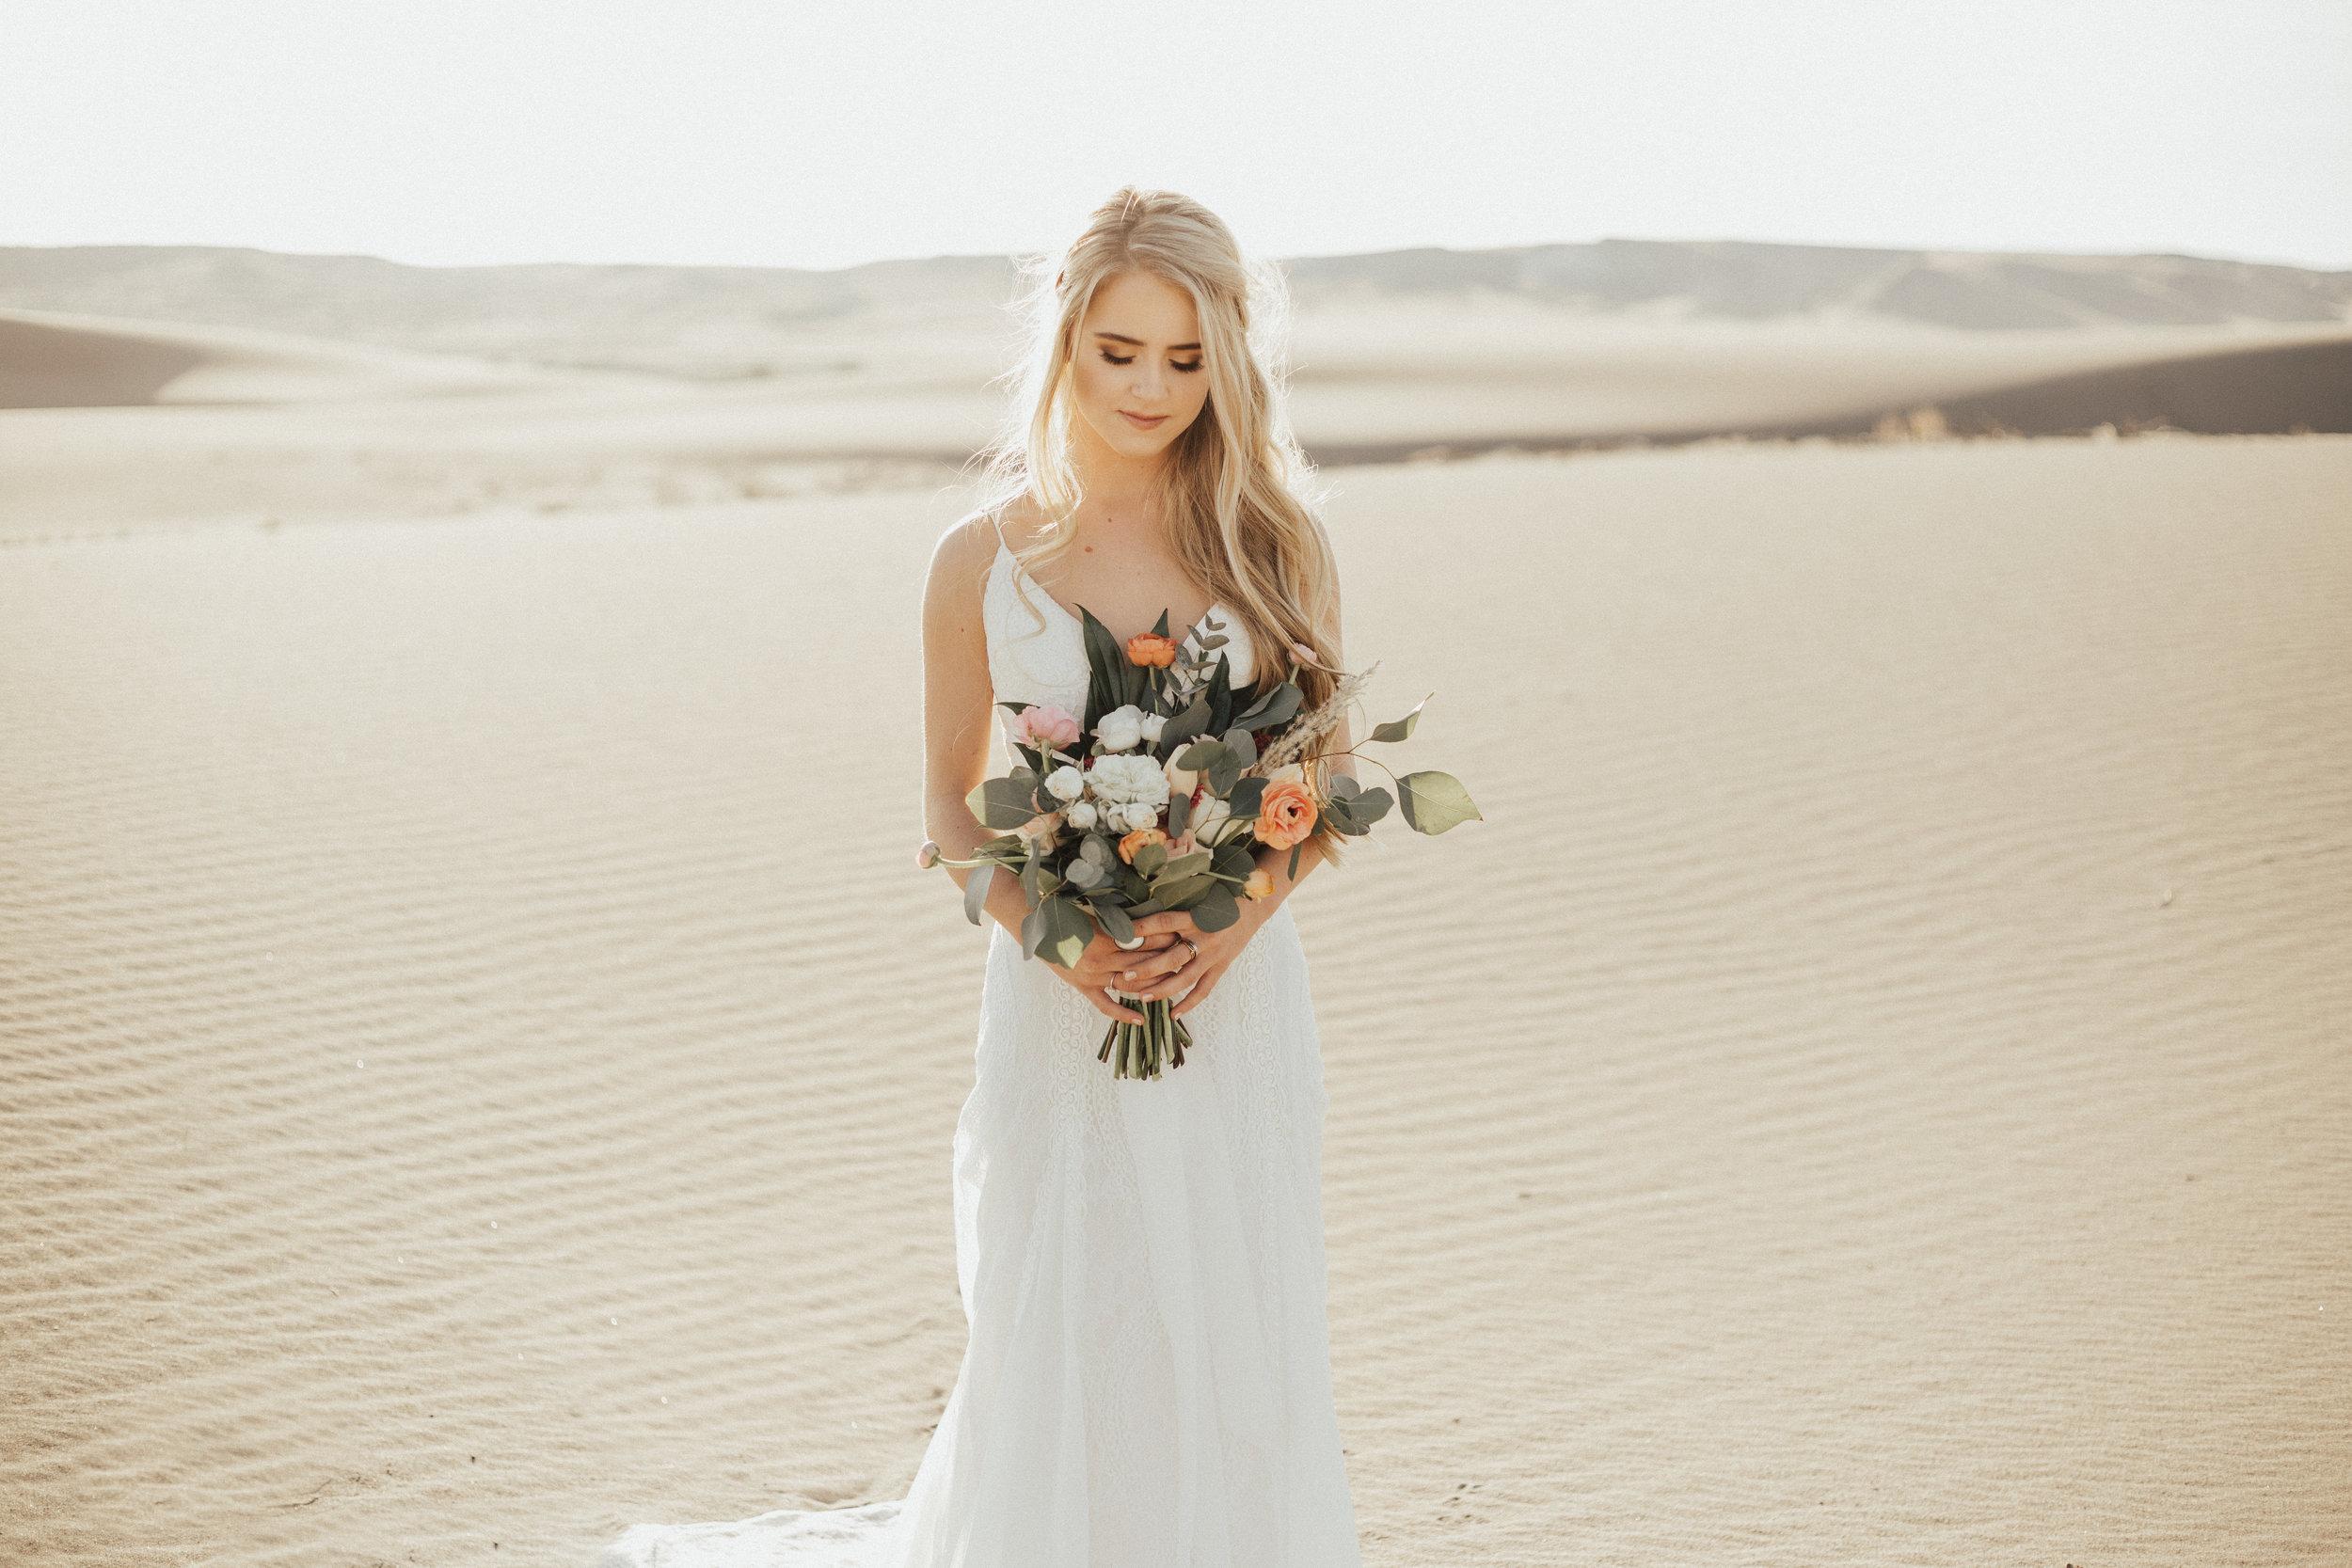 Sand_Dunes_Bridals-7.jpg